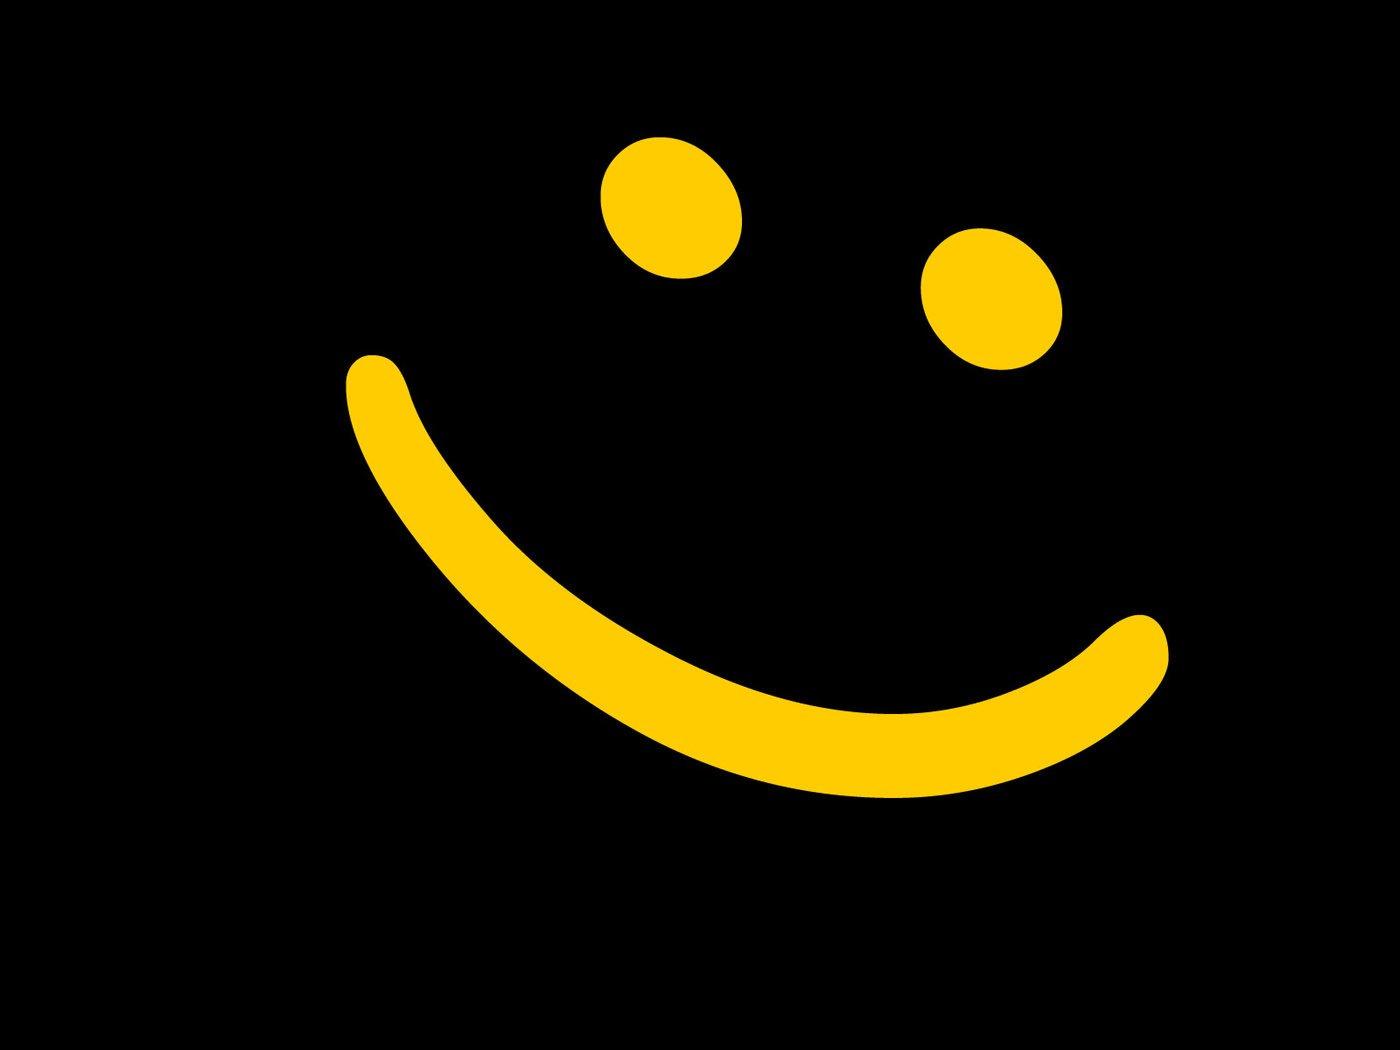 Smile Wallpapers for Desktop - WallpaperSafari